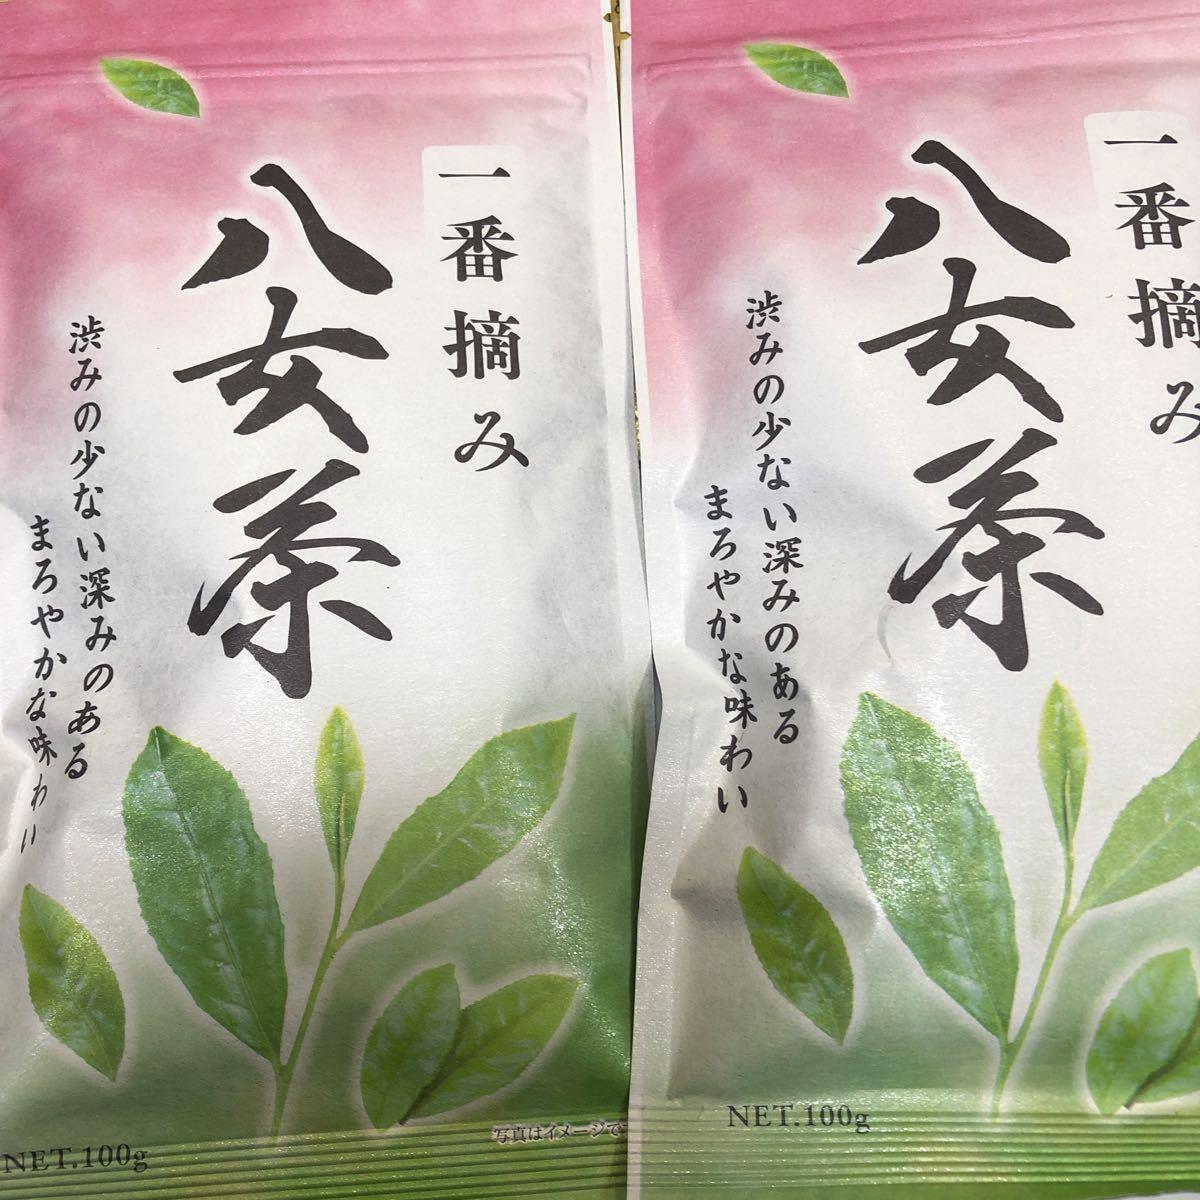 100円~「山本山 一番摘み 八女茶 2袋」上品で渋みの少ない深みのあるまろやかな味わい*人気のお茶です。新品未開封